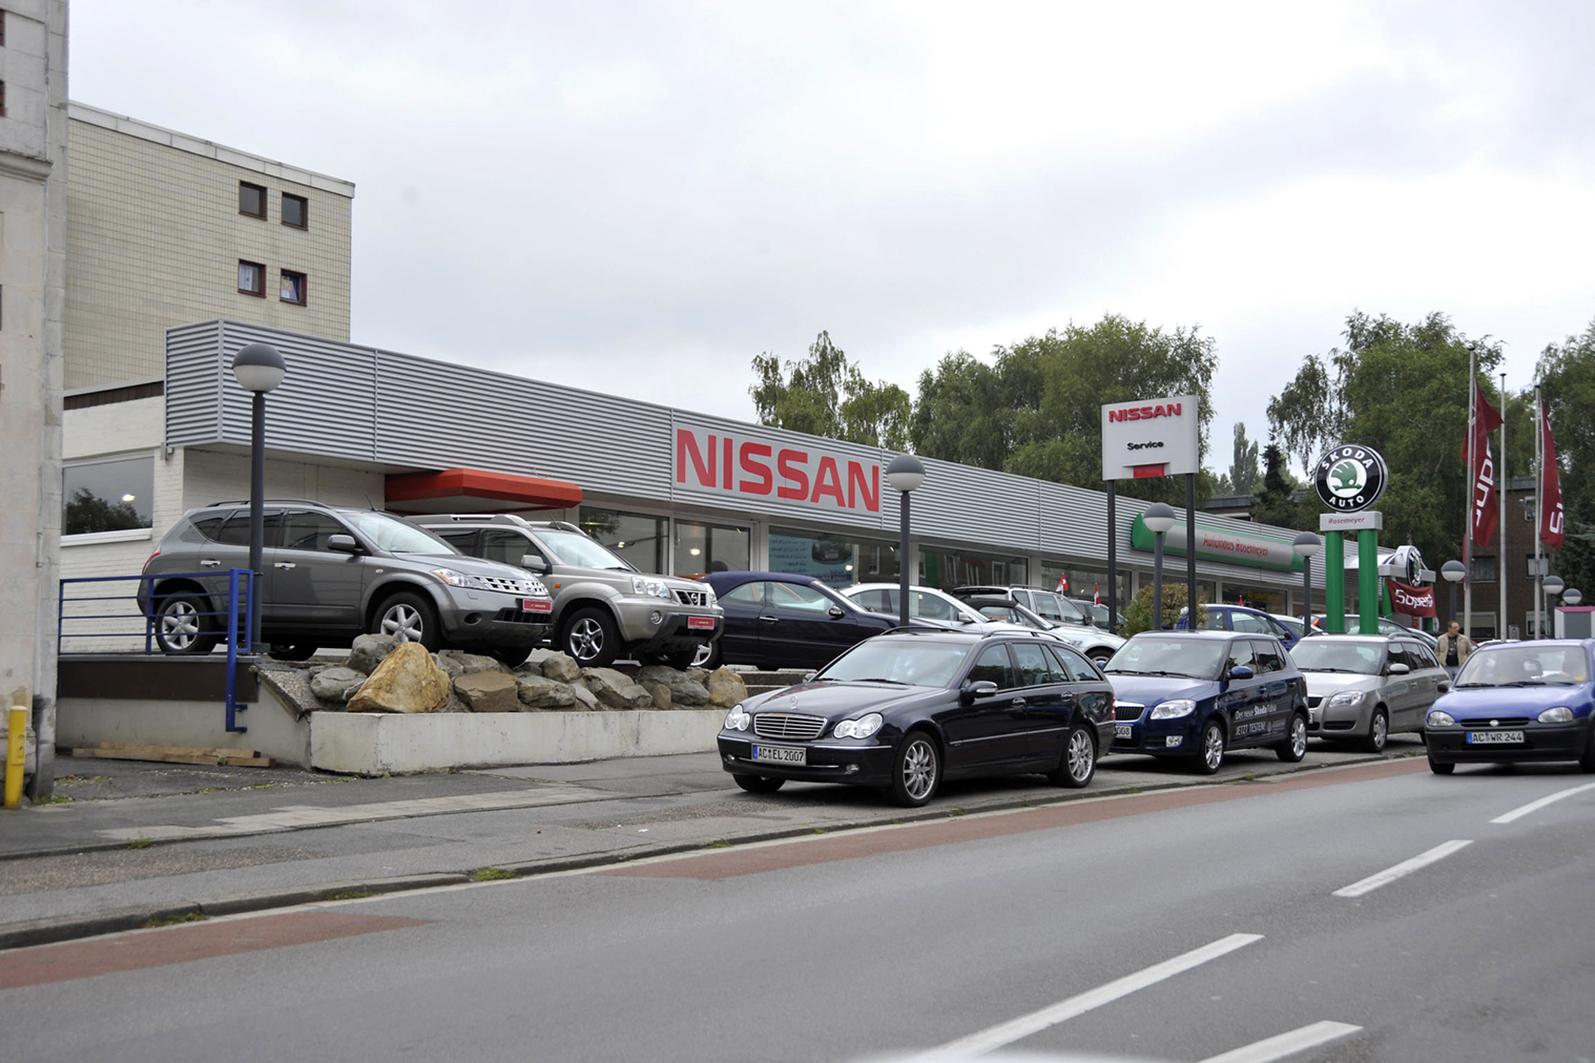 mid Groß-Gerau - Obwohl die Fahrzeugpreise steigen, sind die Gesamtkosten 2016 insgesamt gesunken - in erster Linie wegen niedrigerer Kraftstoff-Kosten.